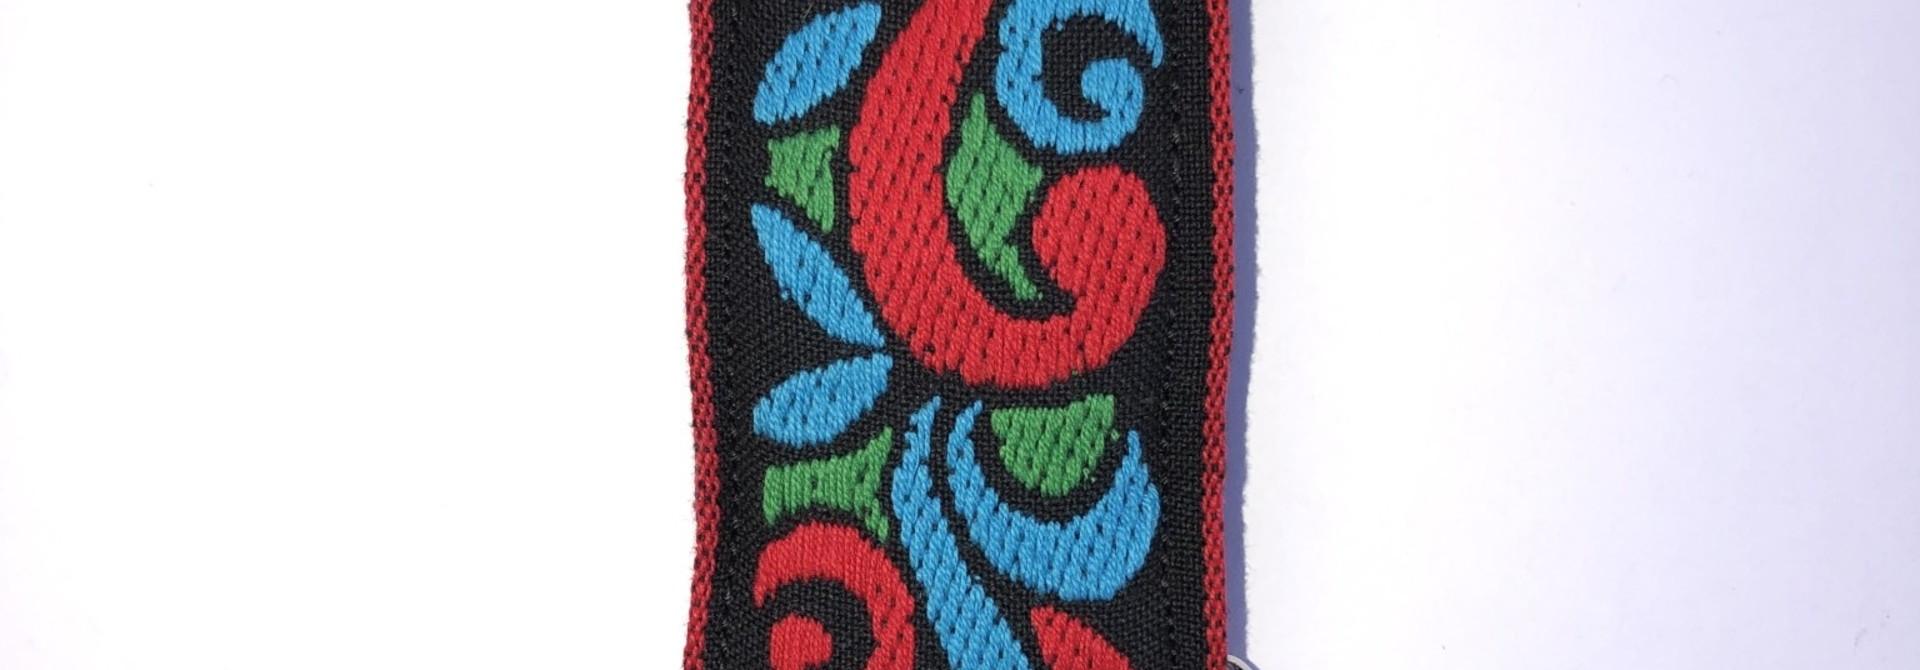 Tremolo Leather Co. Red/Blue Suess Strap